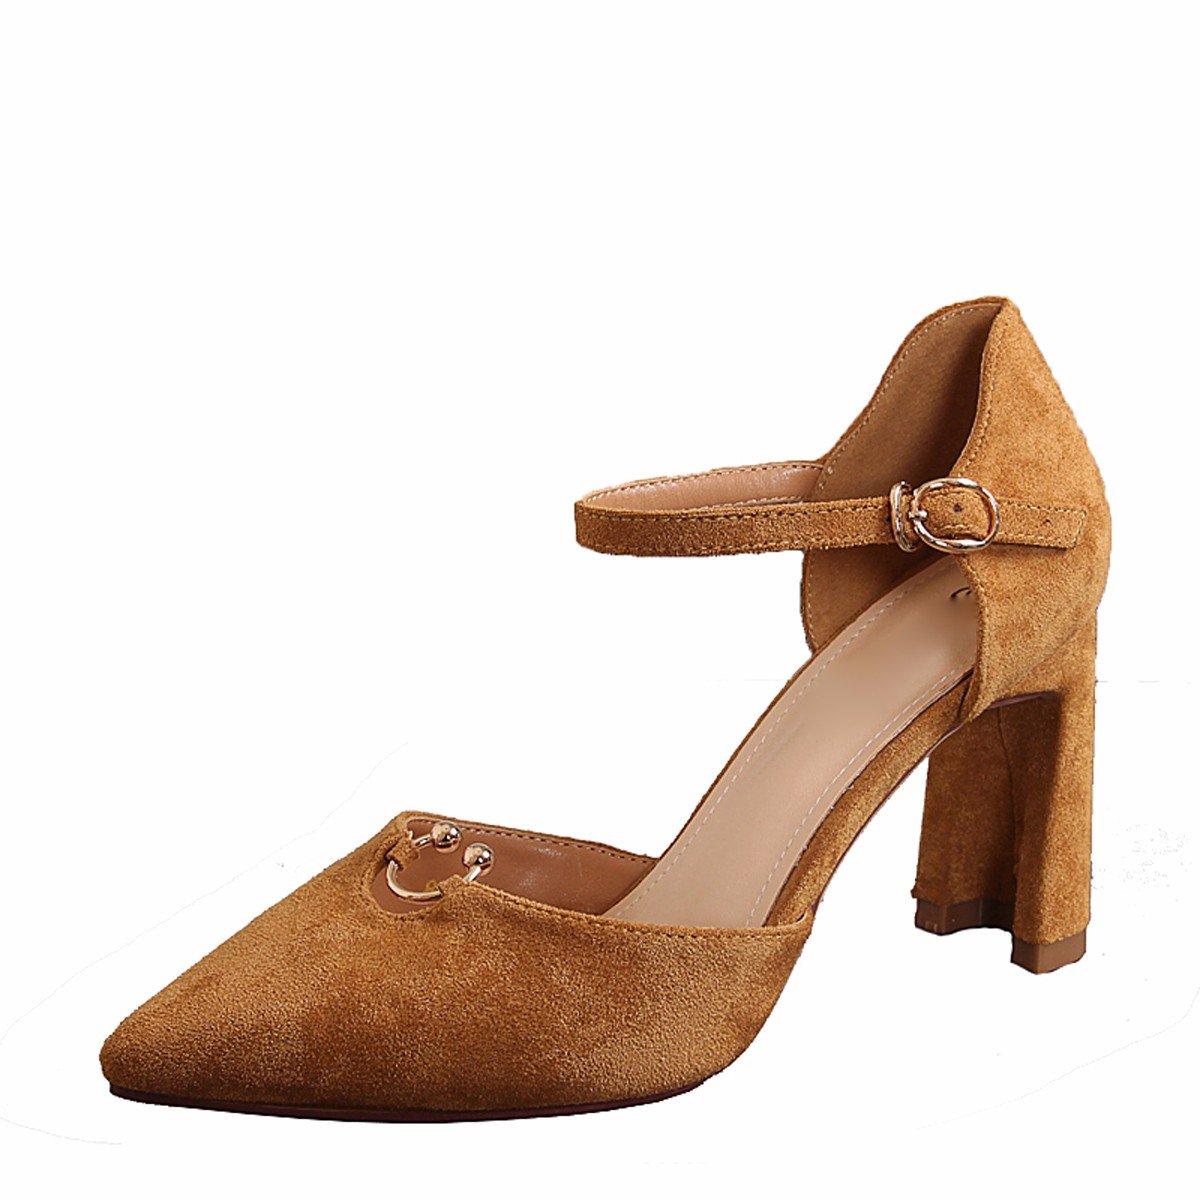 KPHY Damenschuhe Spikes 9Cm High Heels Frühling Sexy Dicke Frauen Frauen Frauen Schuhe Schnallen Einzelne Schuhe. 97823d